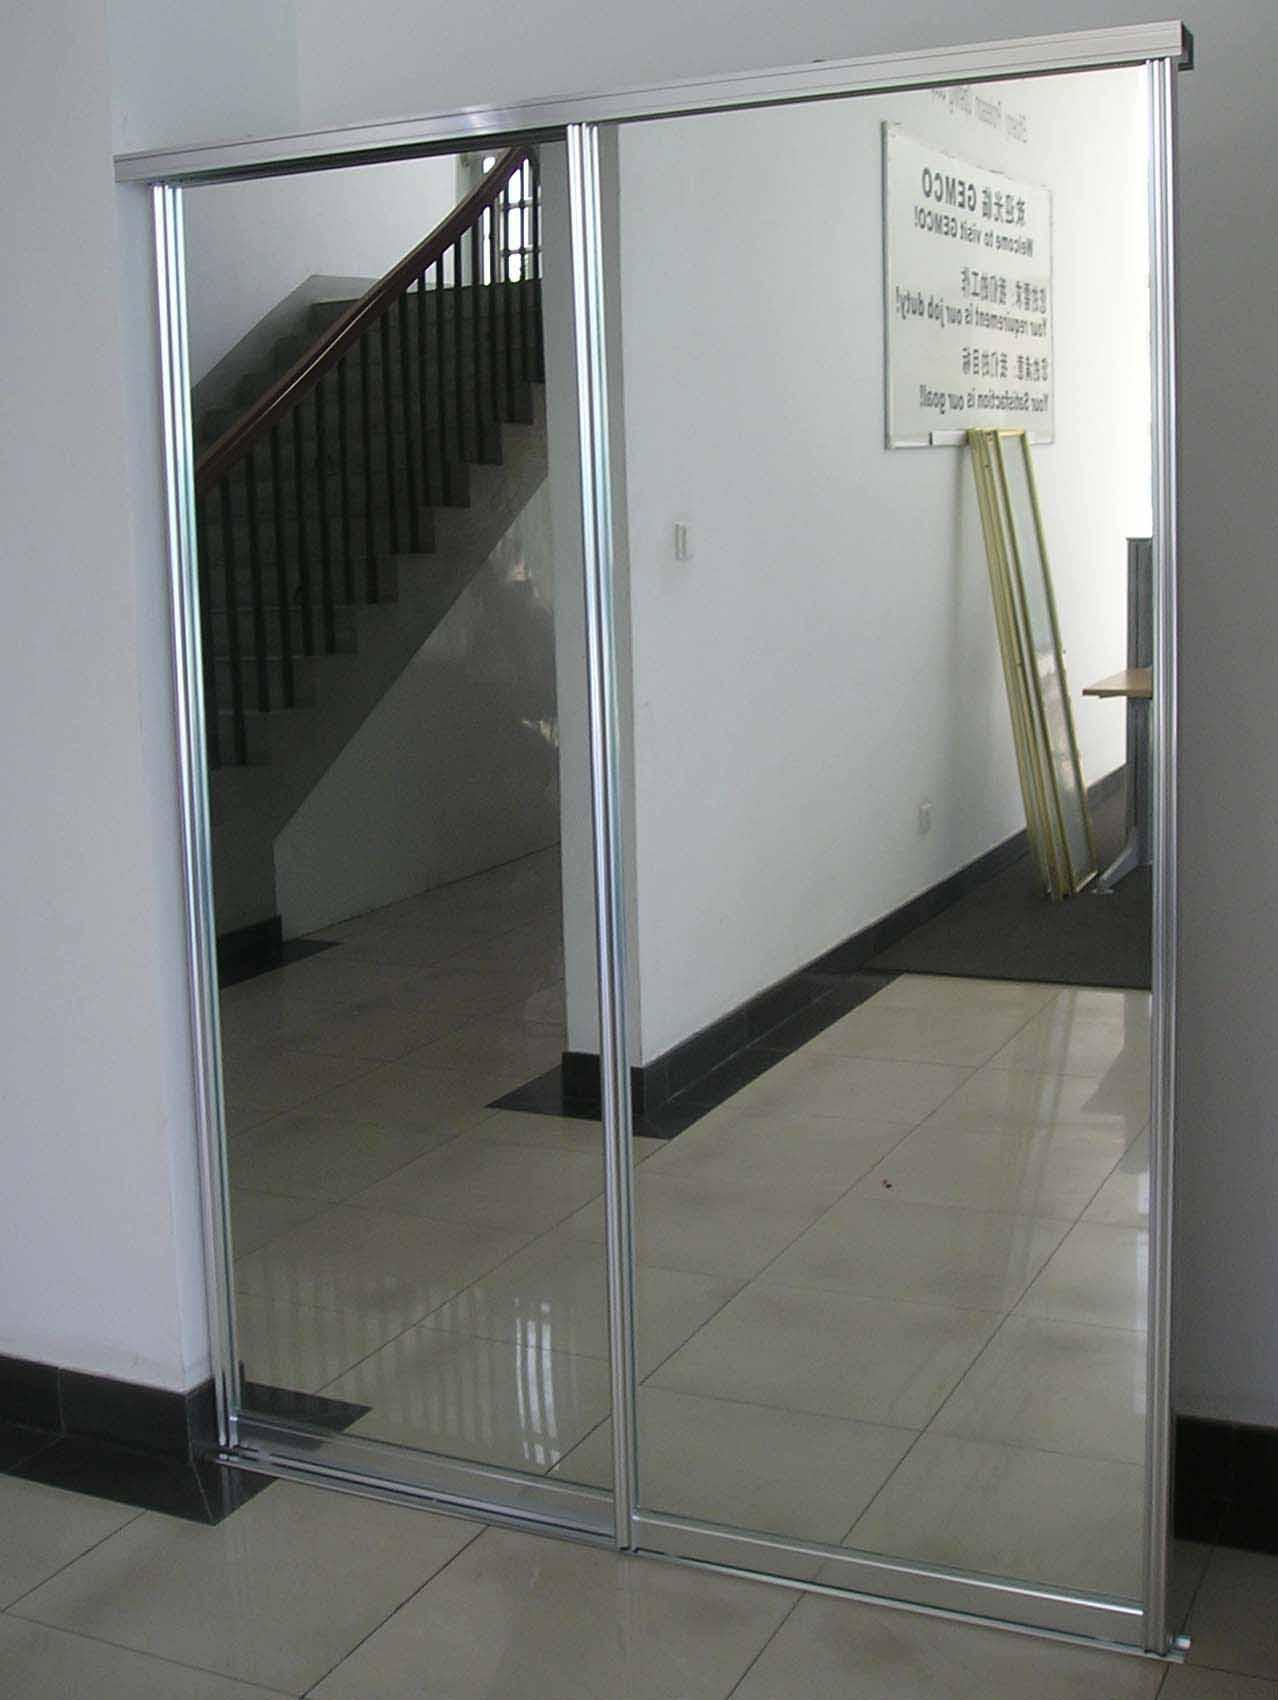 Your home improvements refference mirrored closet doors - 7212 Mirror Closet Door Or Wardrobe Door Jpg Photo Of Sliding Glass Mirrored Closet Doors